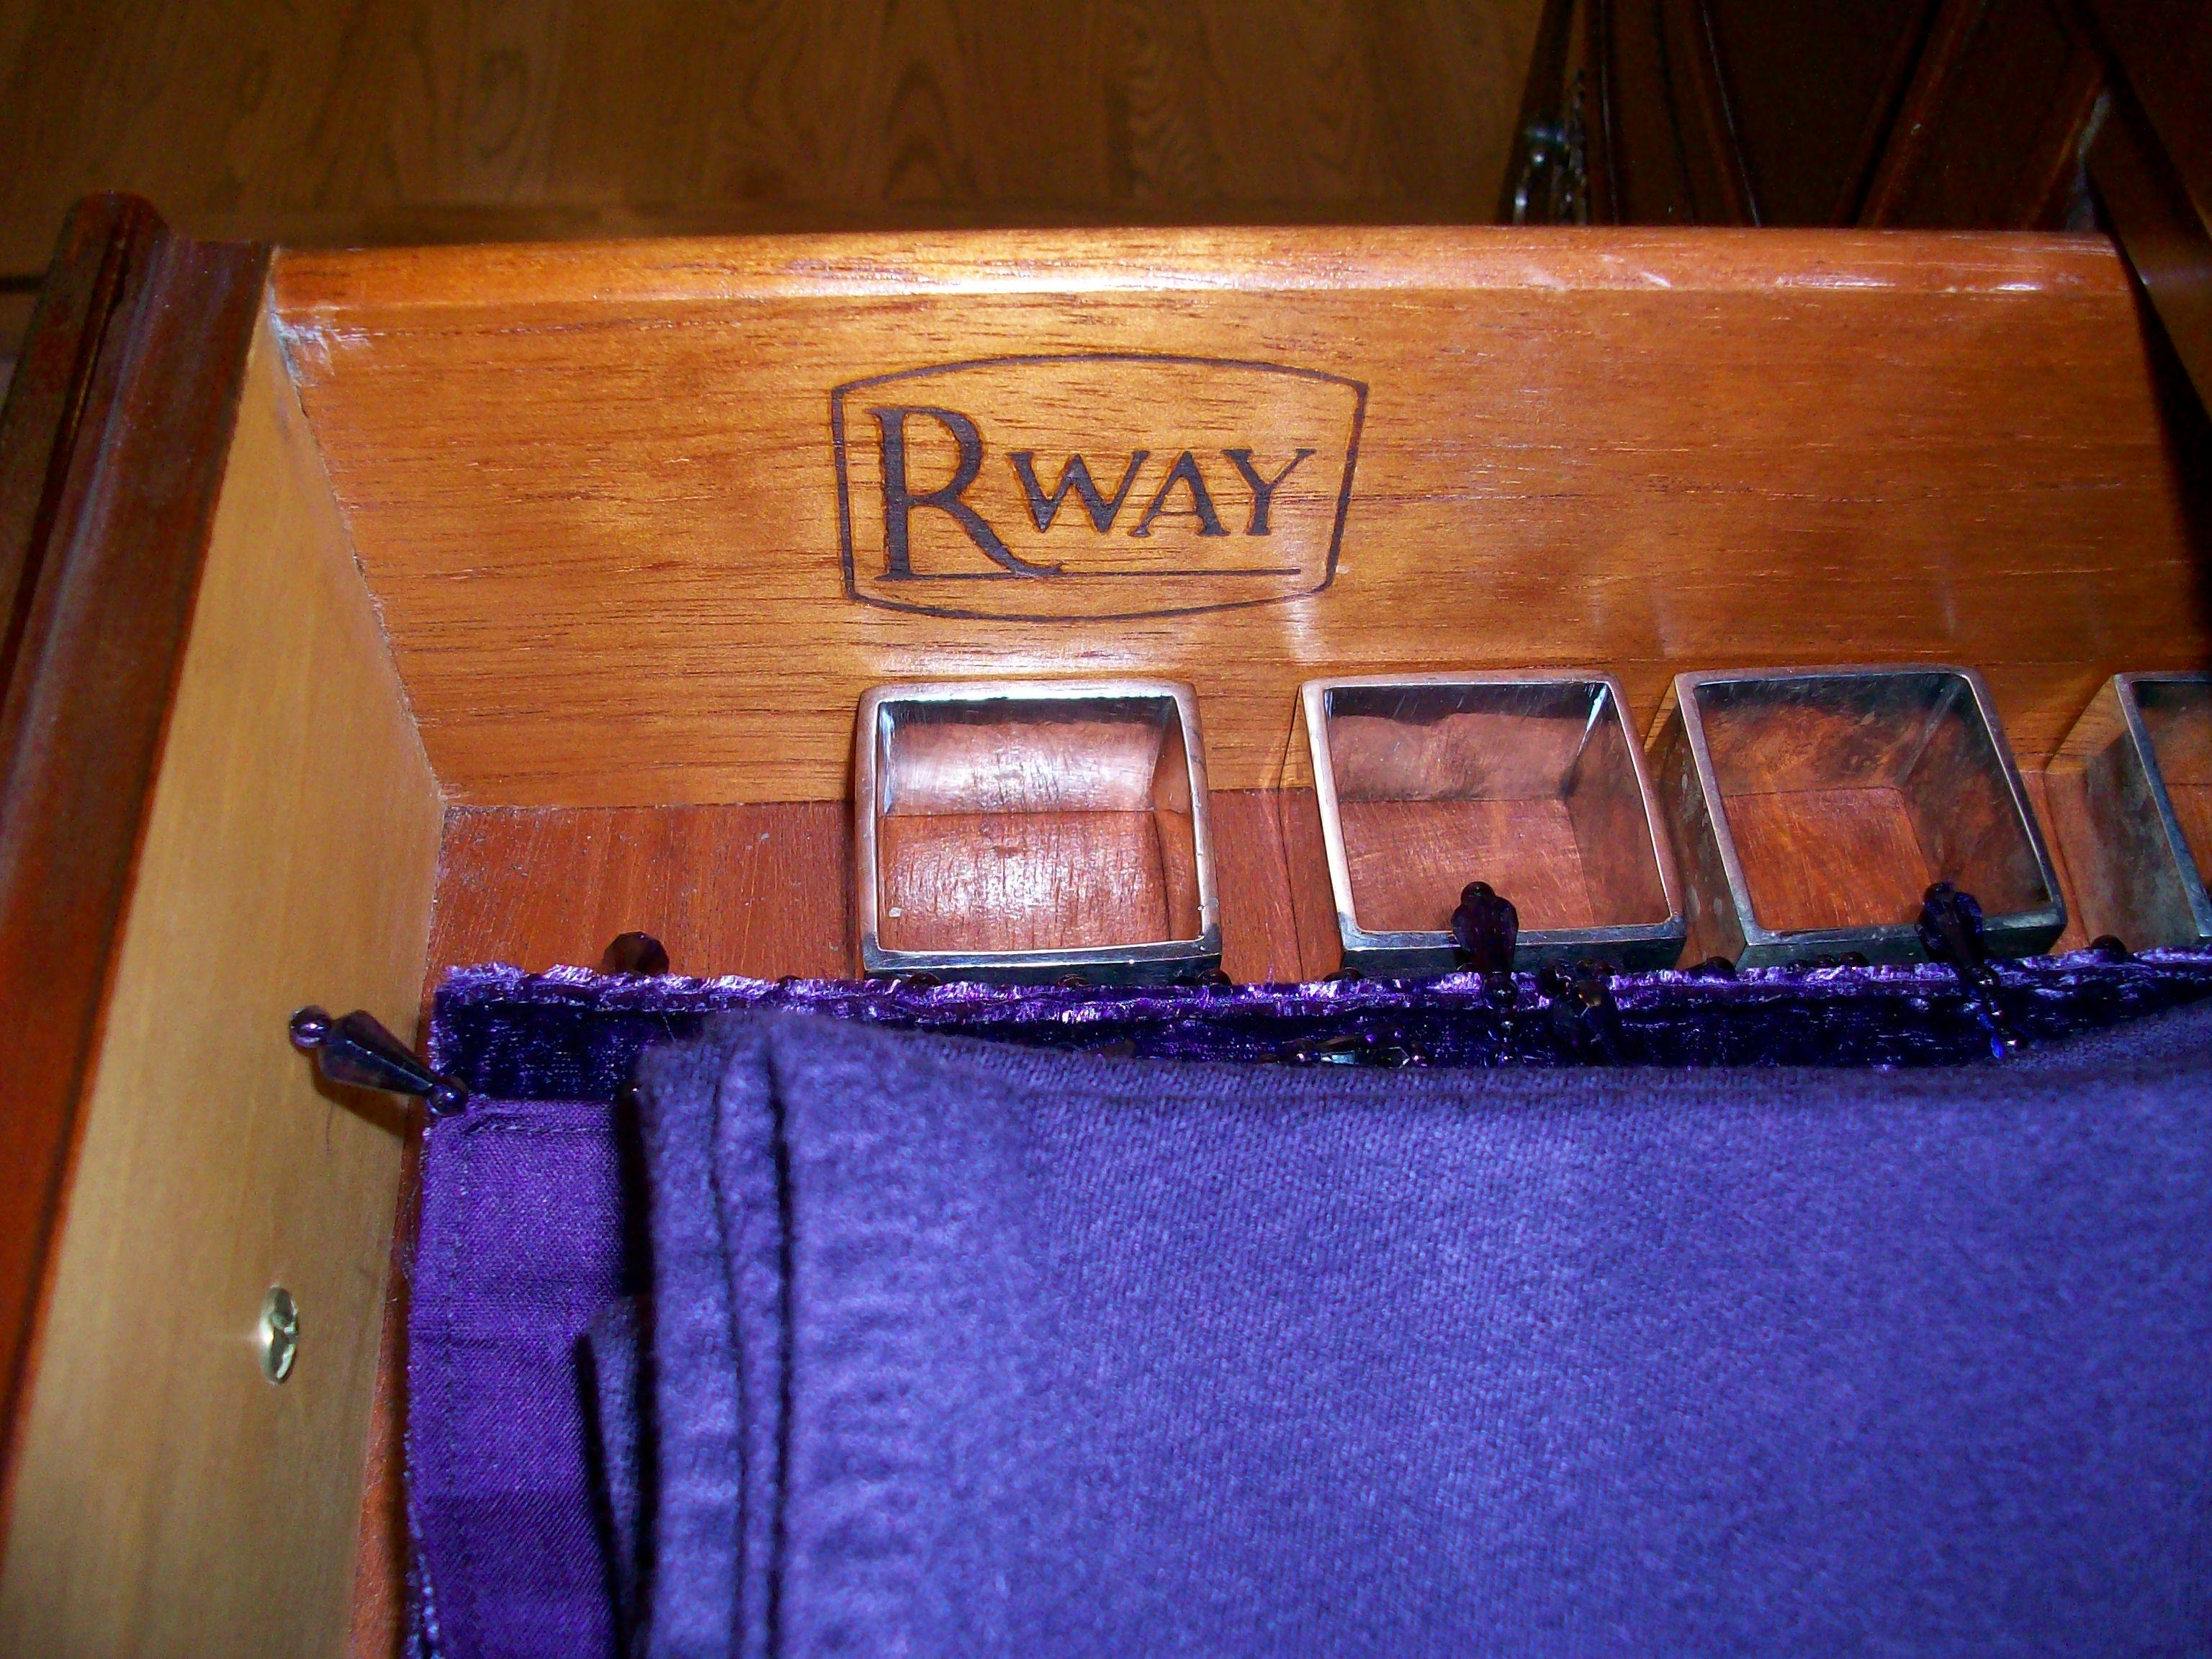 Rway 10 Piece Dining Room Set